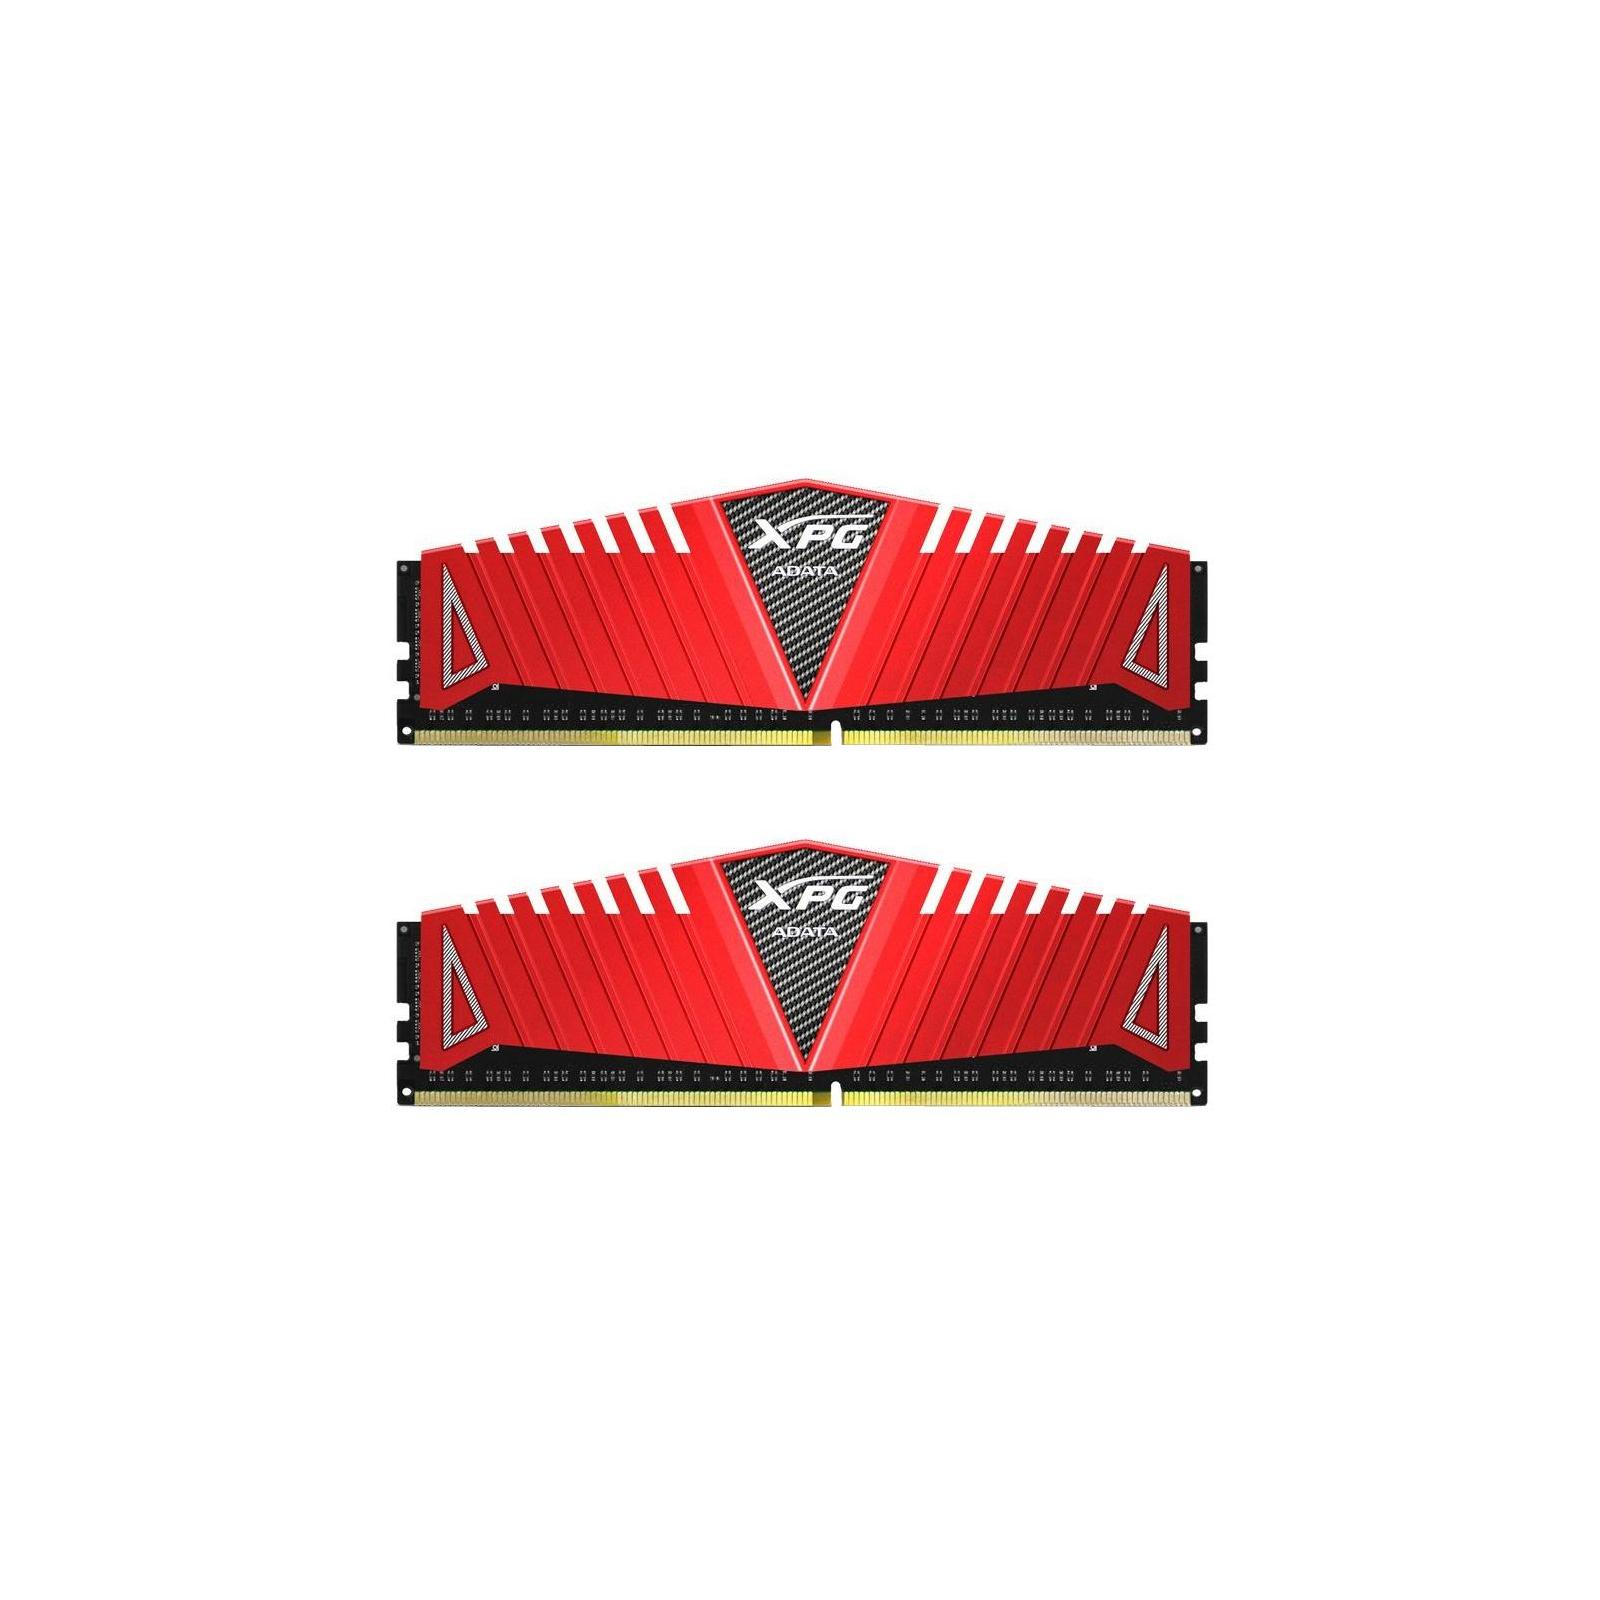 Модуль памяти для компьютера DDR4 8GB (2x4GB) 2666 MHz XPG Z1 Red ADATA (AX4U2666W4G16-DRZ)